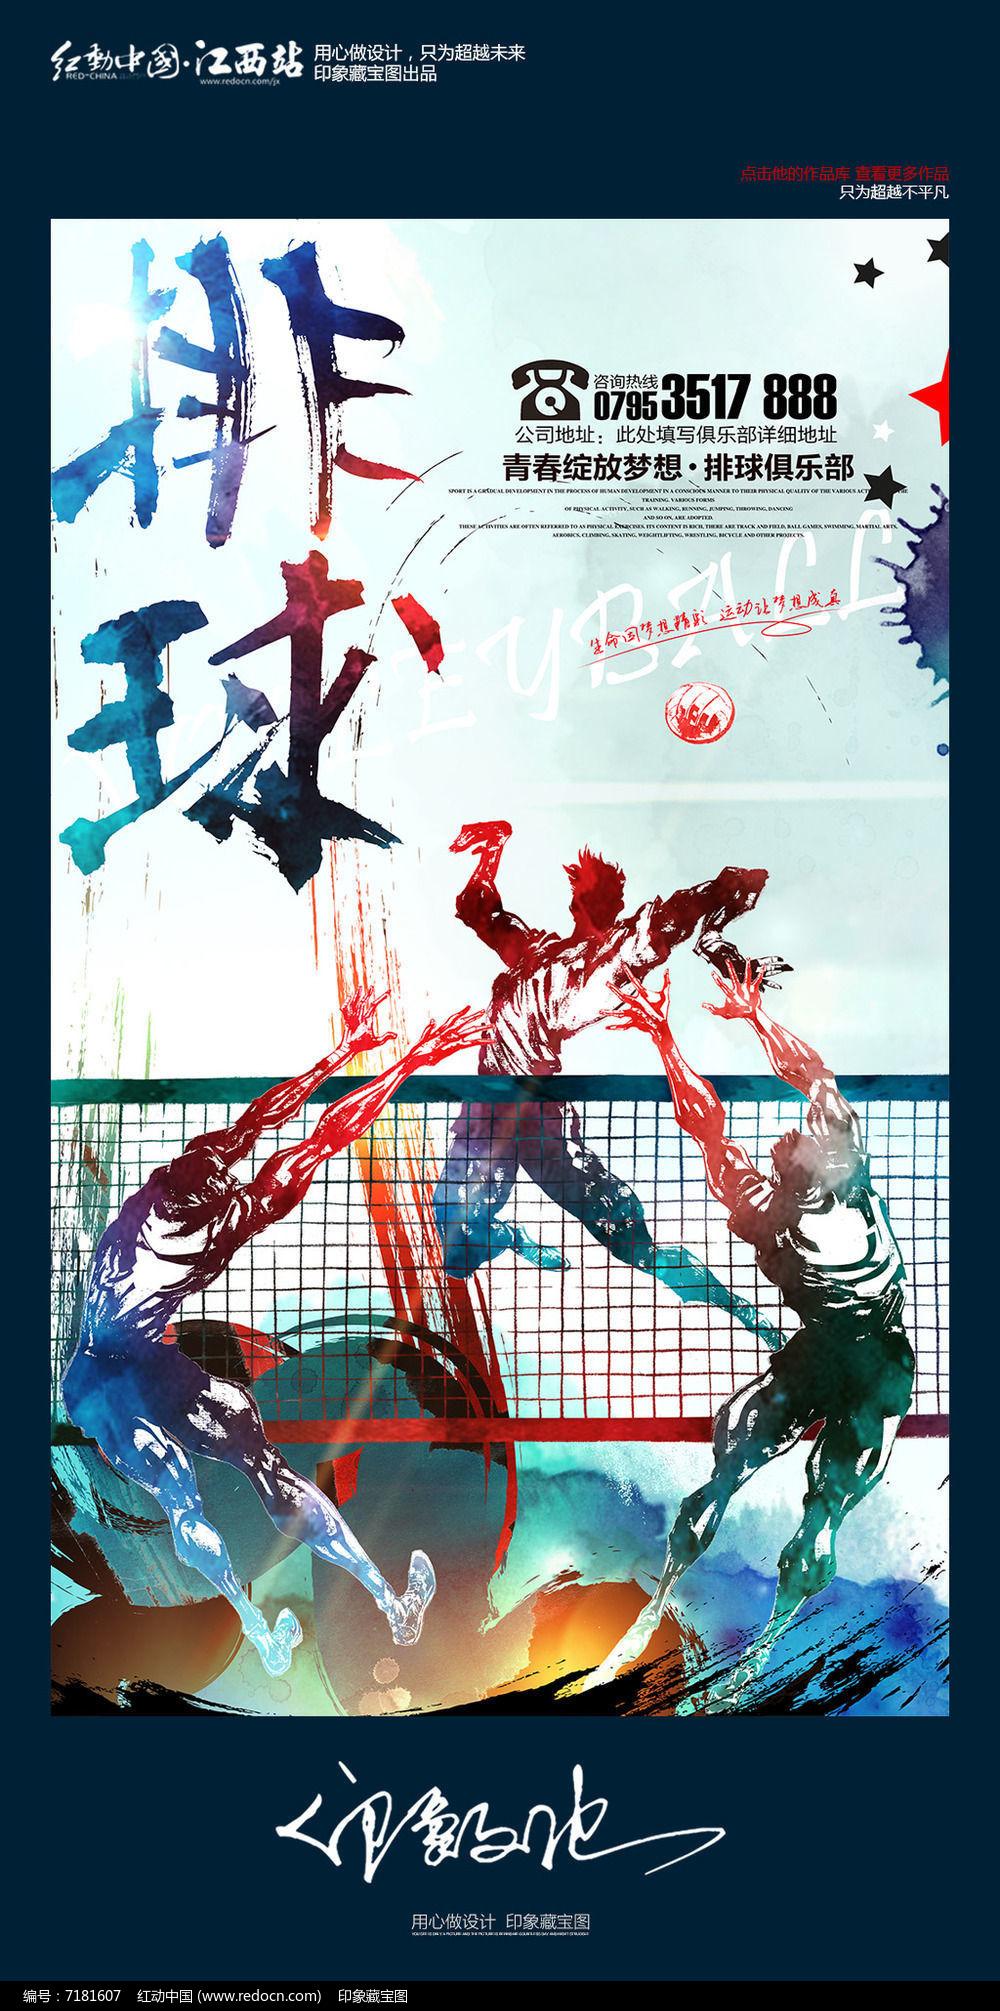 水彩校园排球赛宣传海报设计 红动网